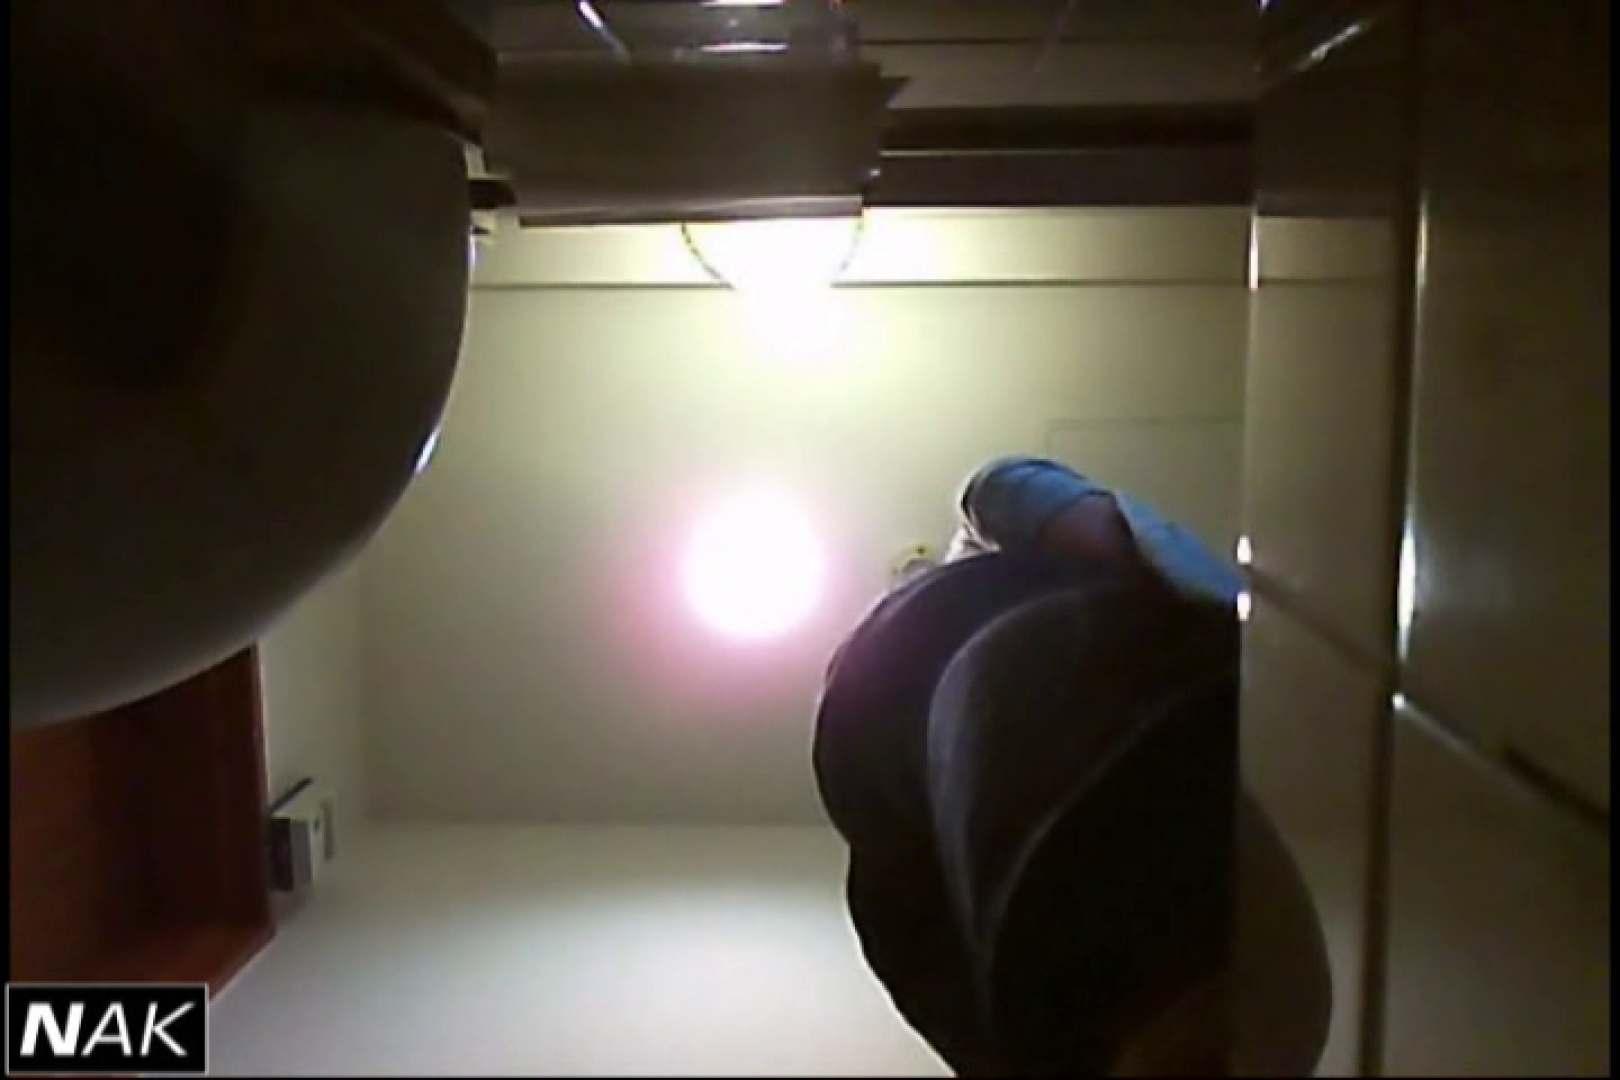 亀さんかわや VIP和式2カメバージョン! vol.05 和式 盗撮おめこ無修正動画無料 110画像 94